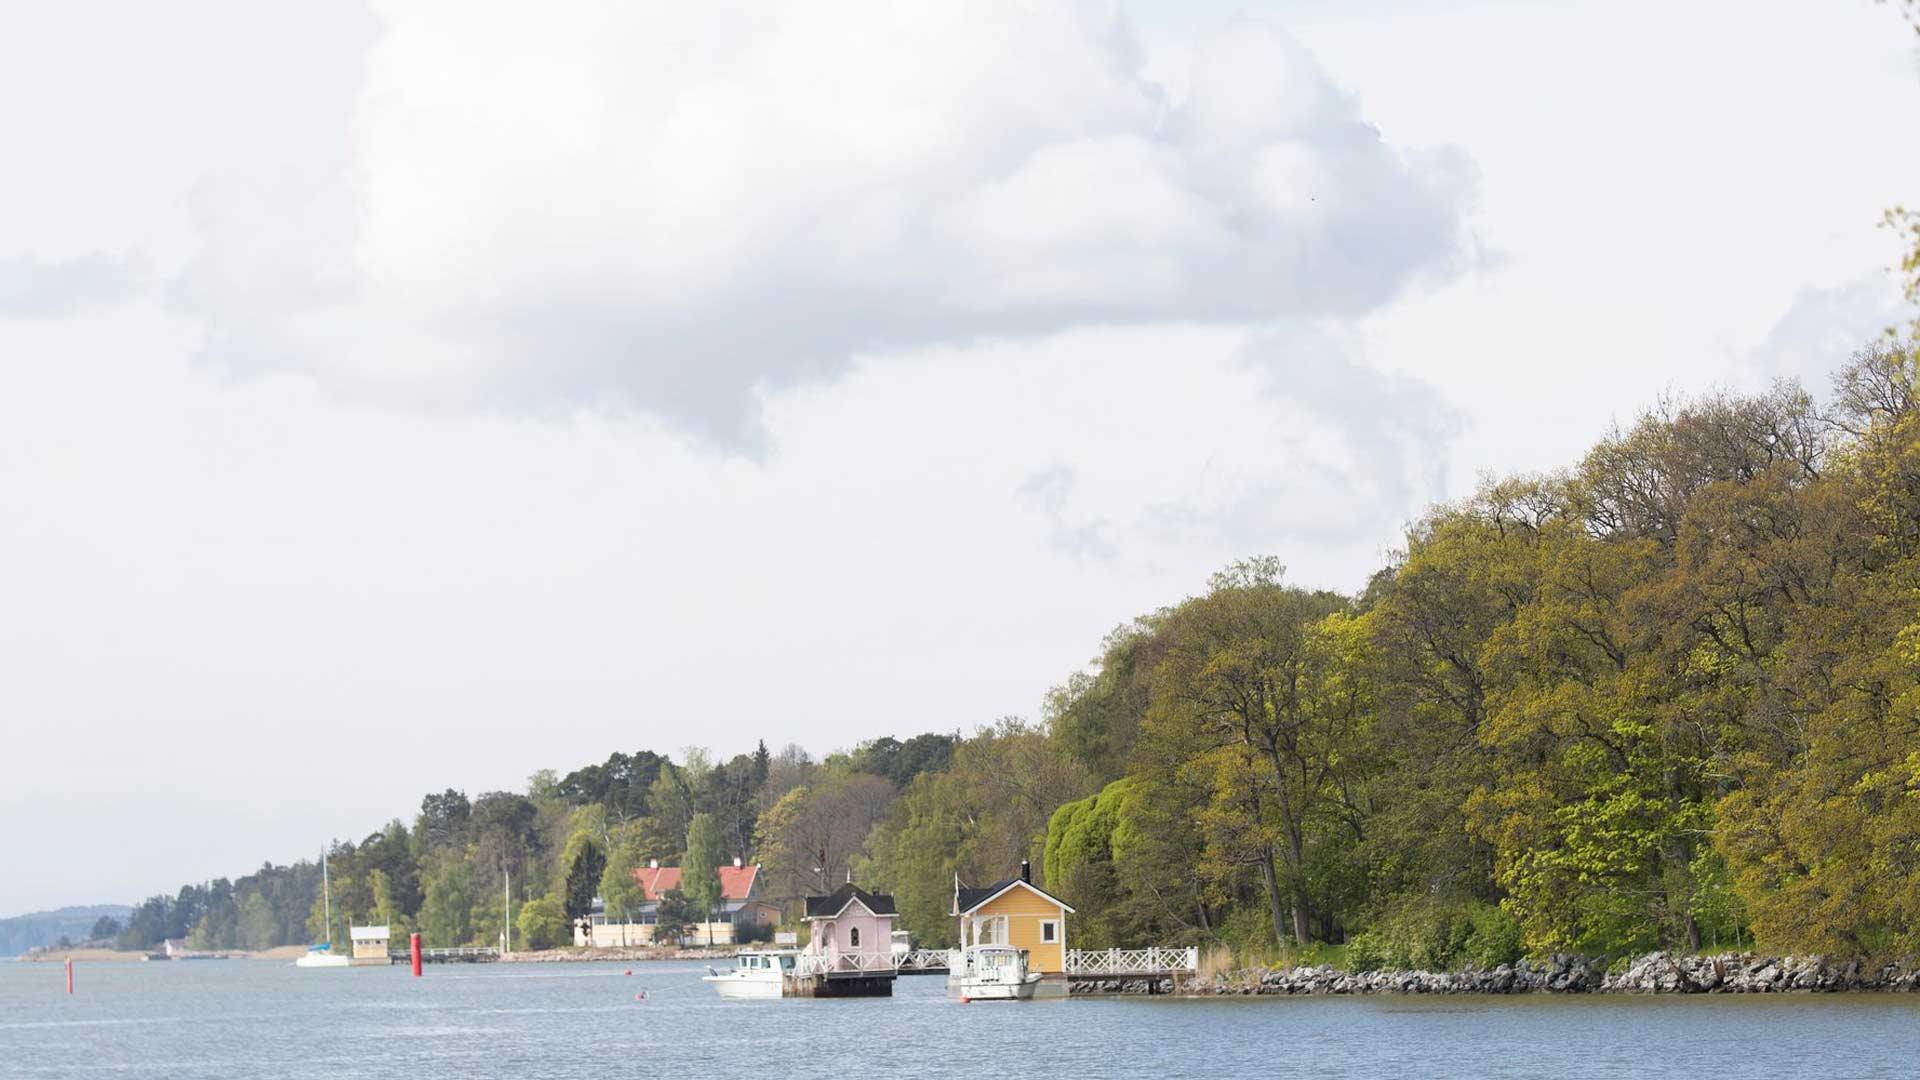 Itämeren pohjasedimentistä on joillakin alueilla mitattu yhtä korkeita mikromuovipitoisuuksia kuin muillakin Euroopan merialueilla.